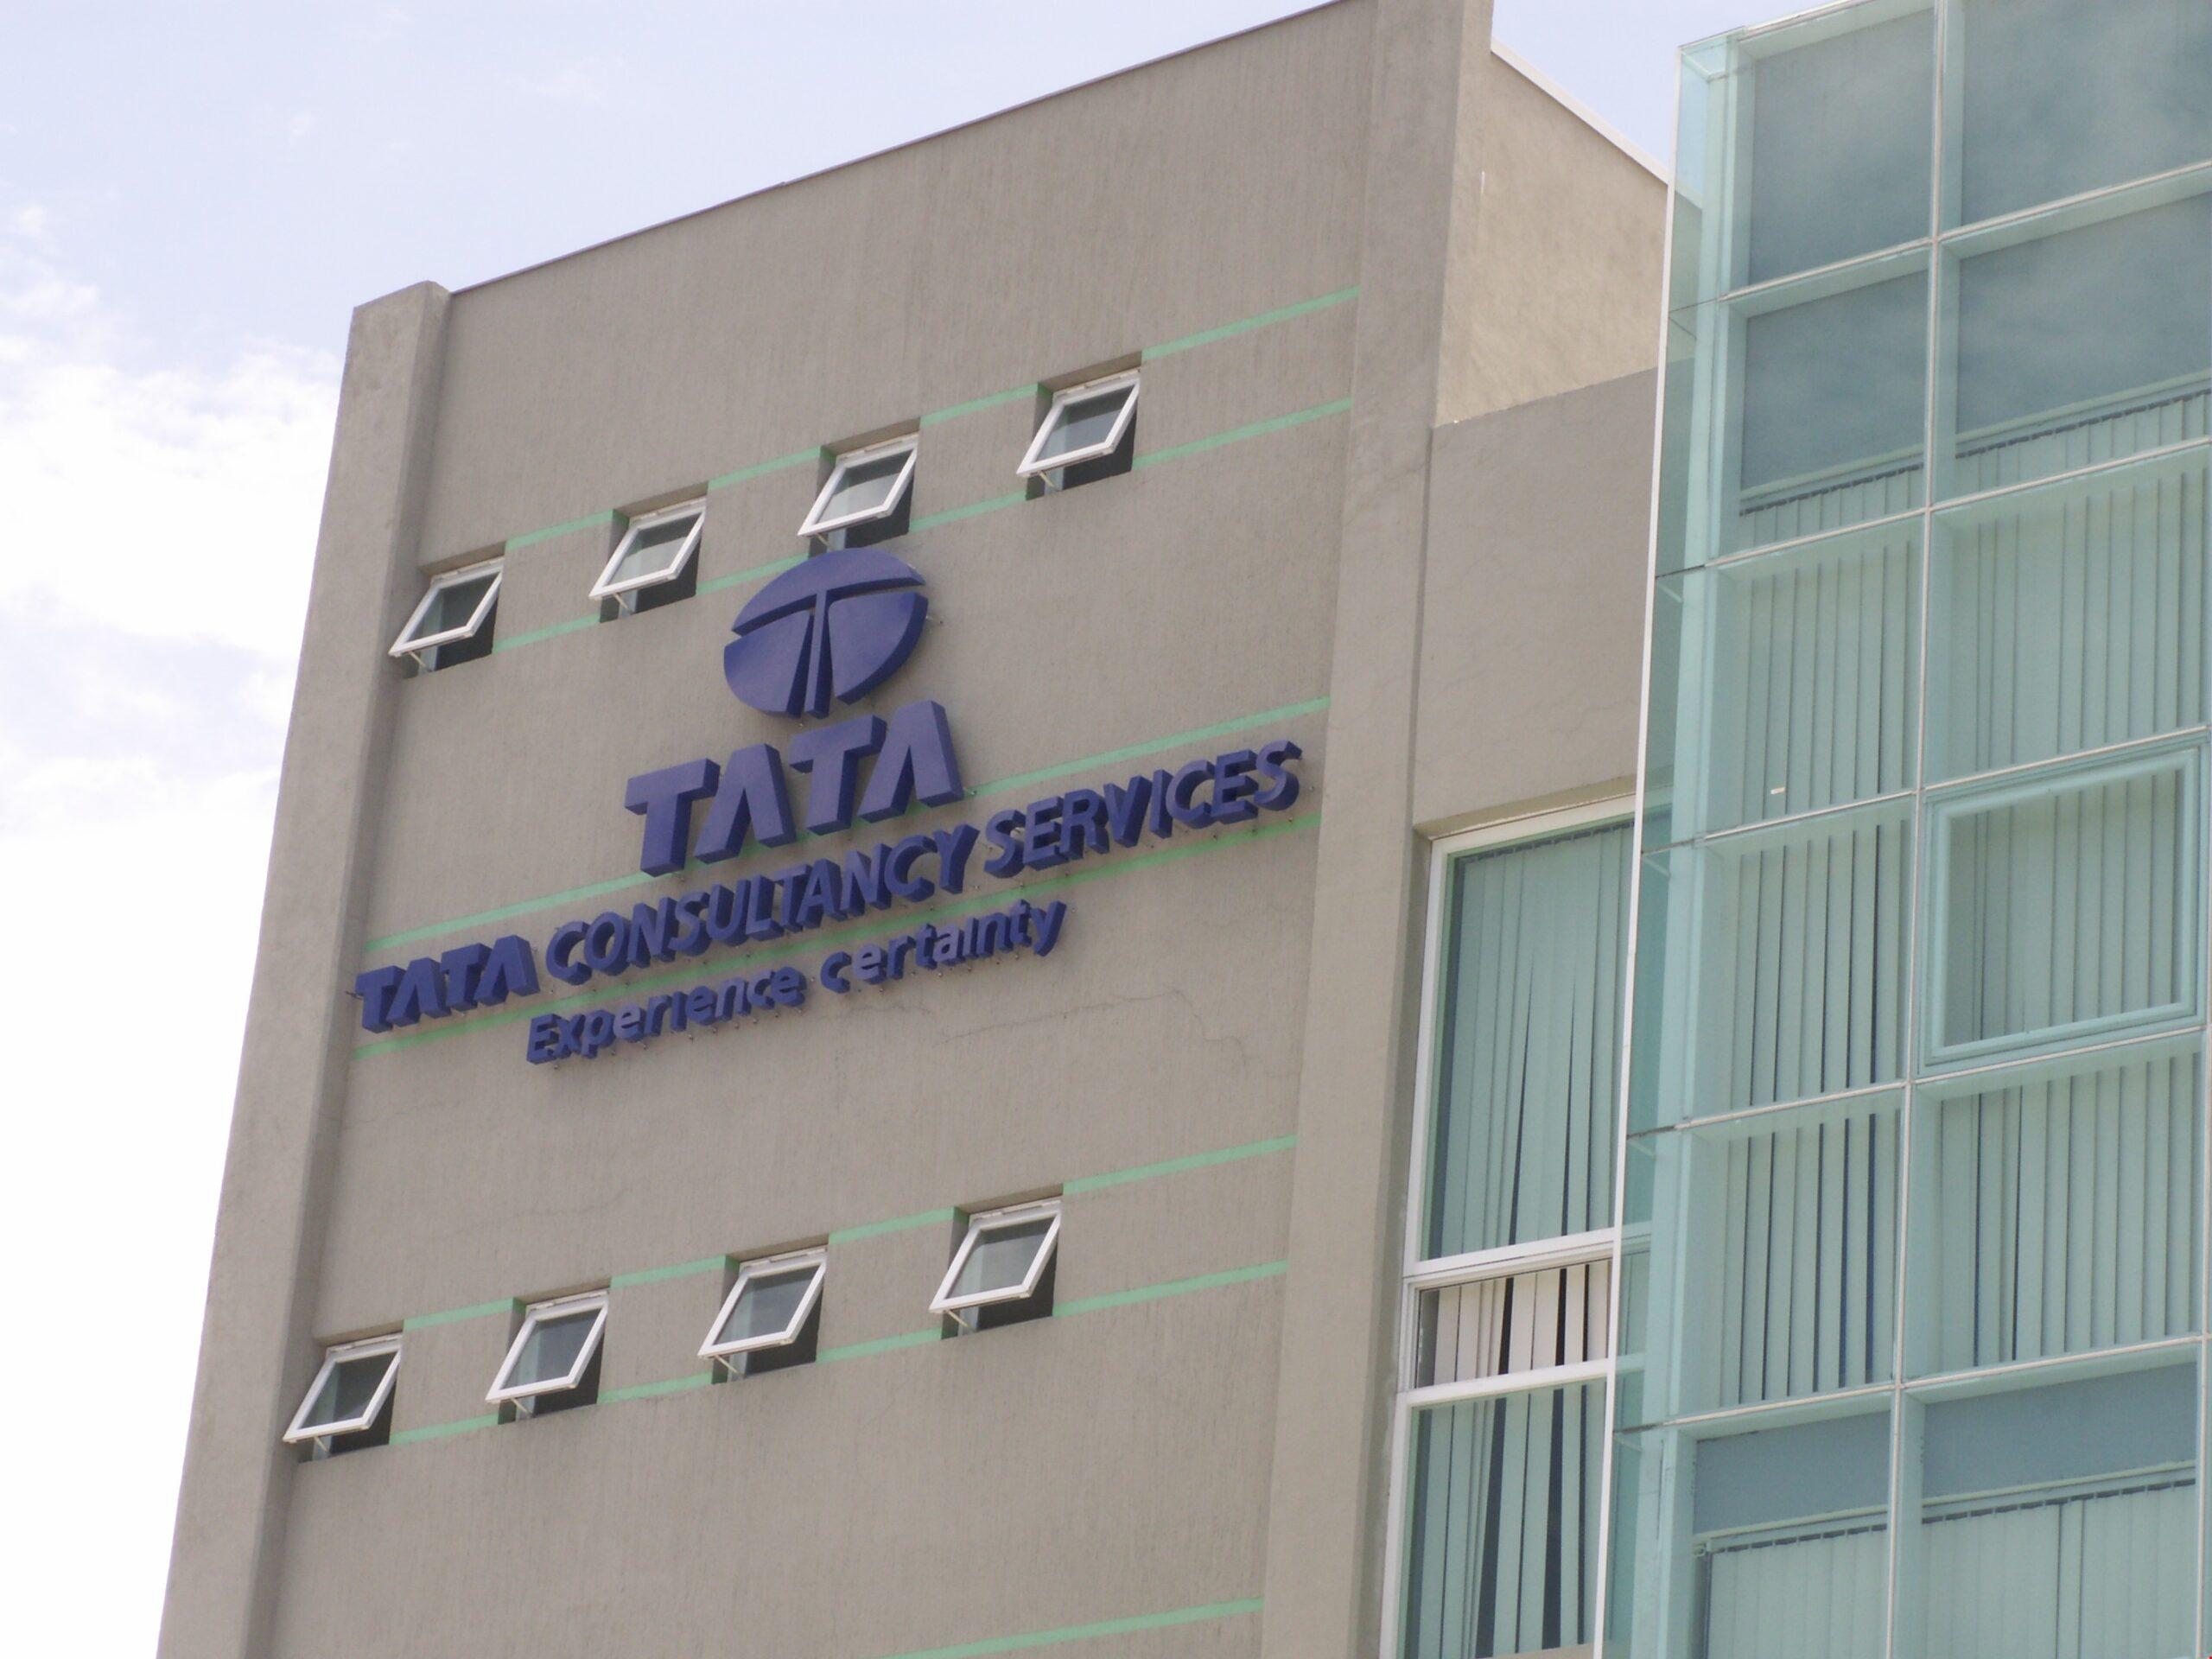 Tata Consultancy Services anunció el lanzamiento de Quartz